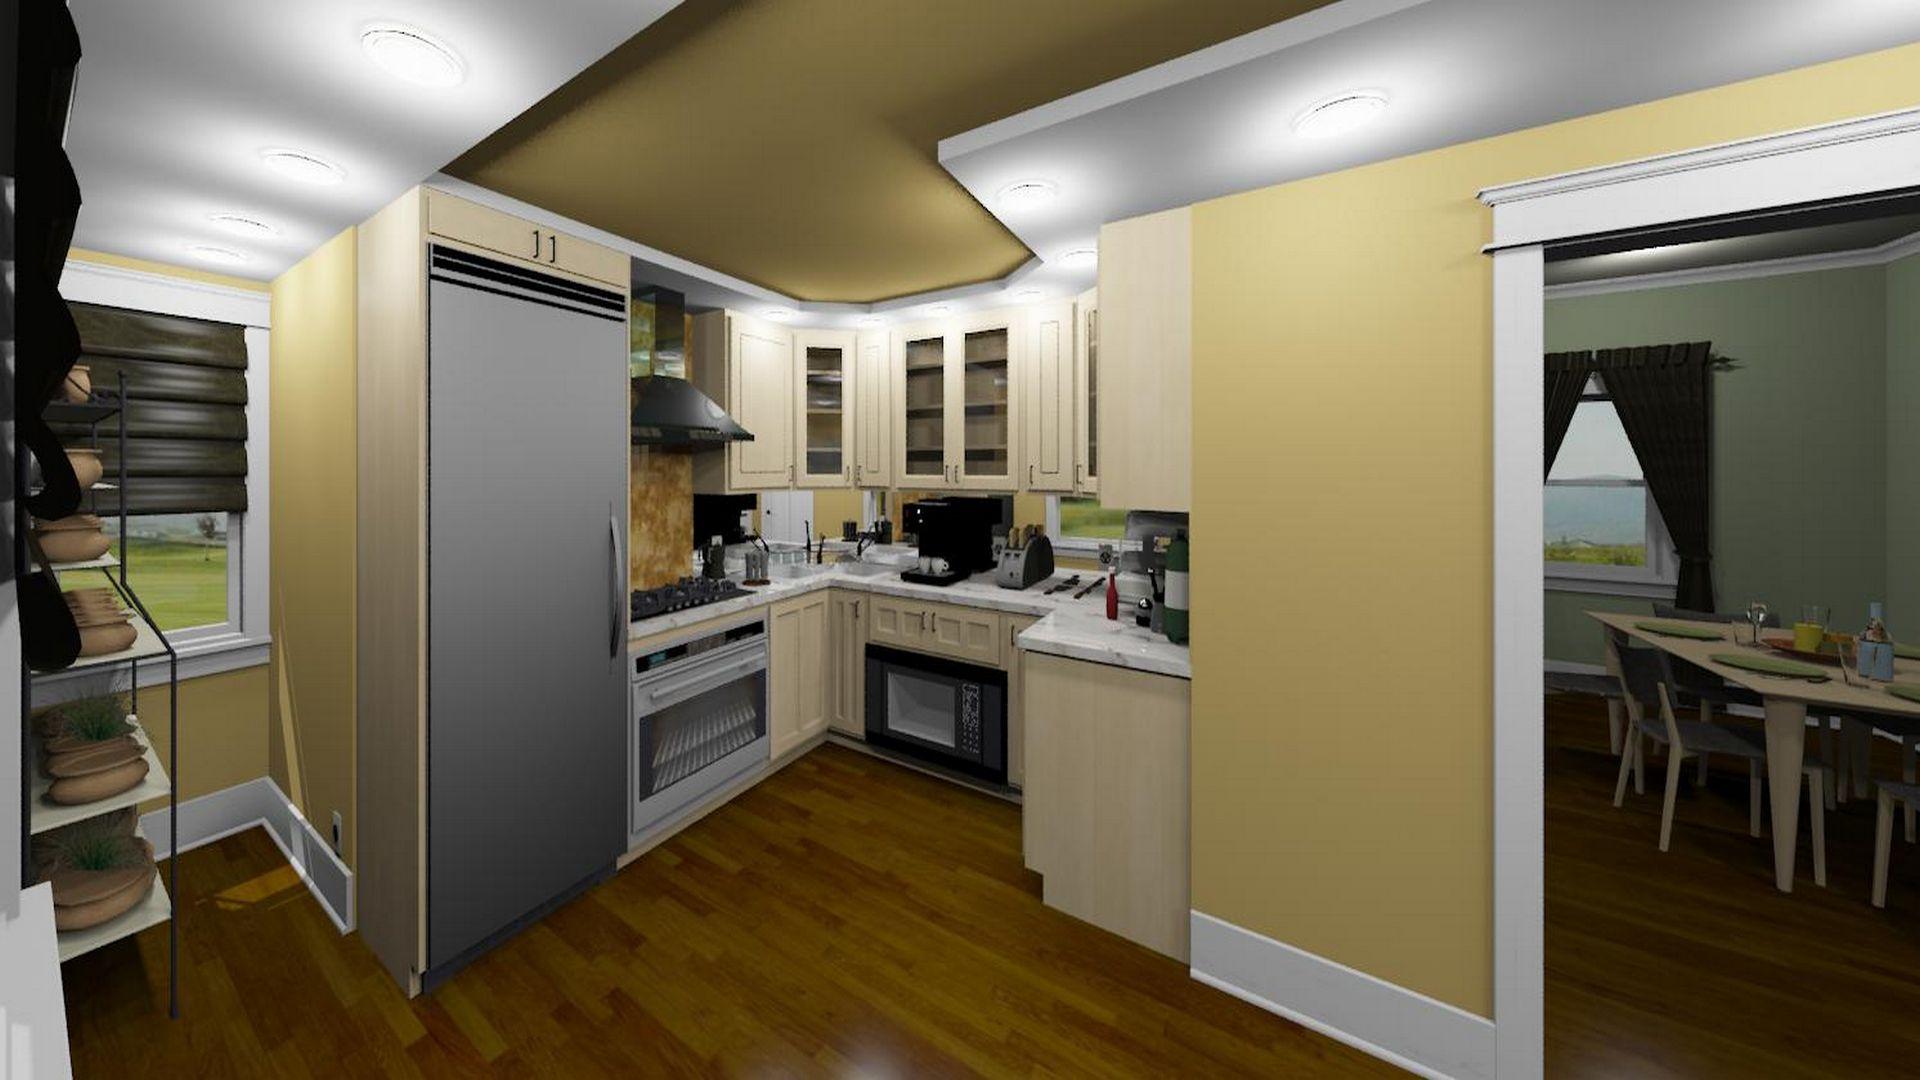 Viewdesignerproject Projectkitchen Design Designed By Gosho Ganchev New Kitchen